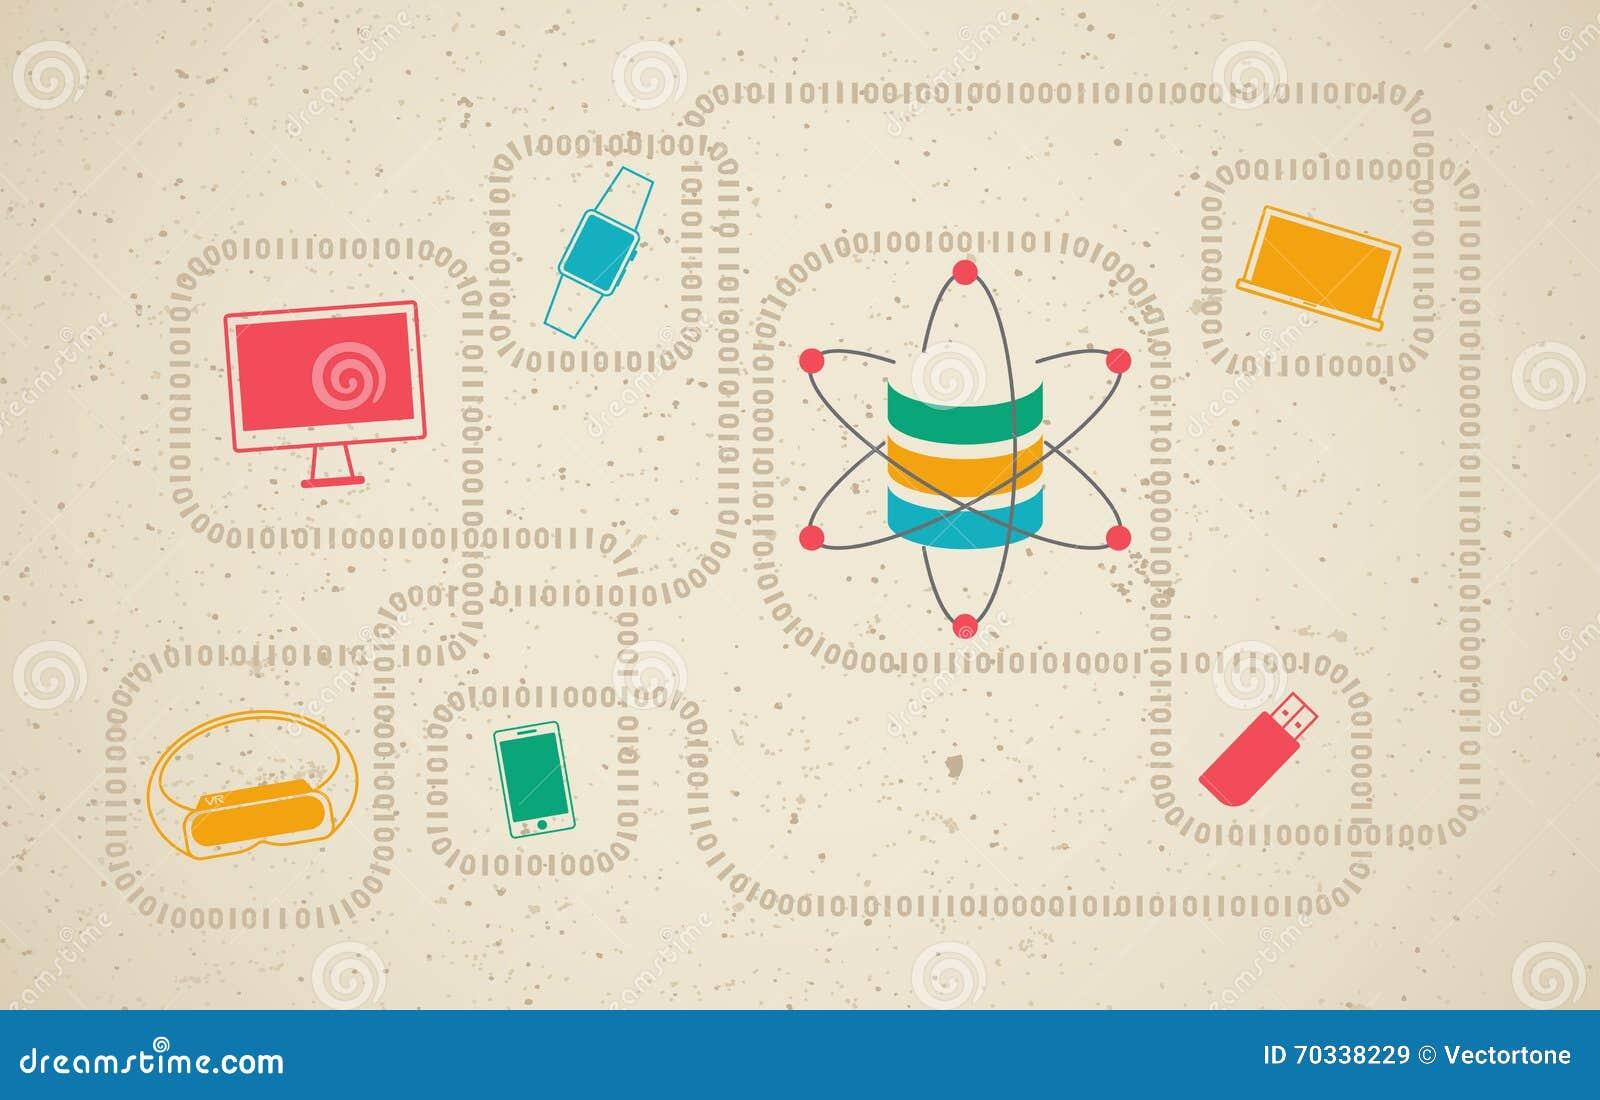 Ciencia de los datos y concepto de la comunicación